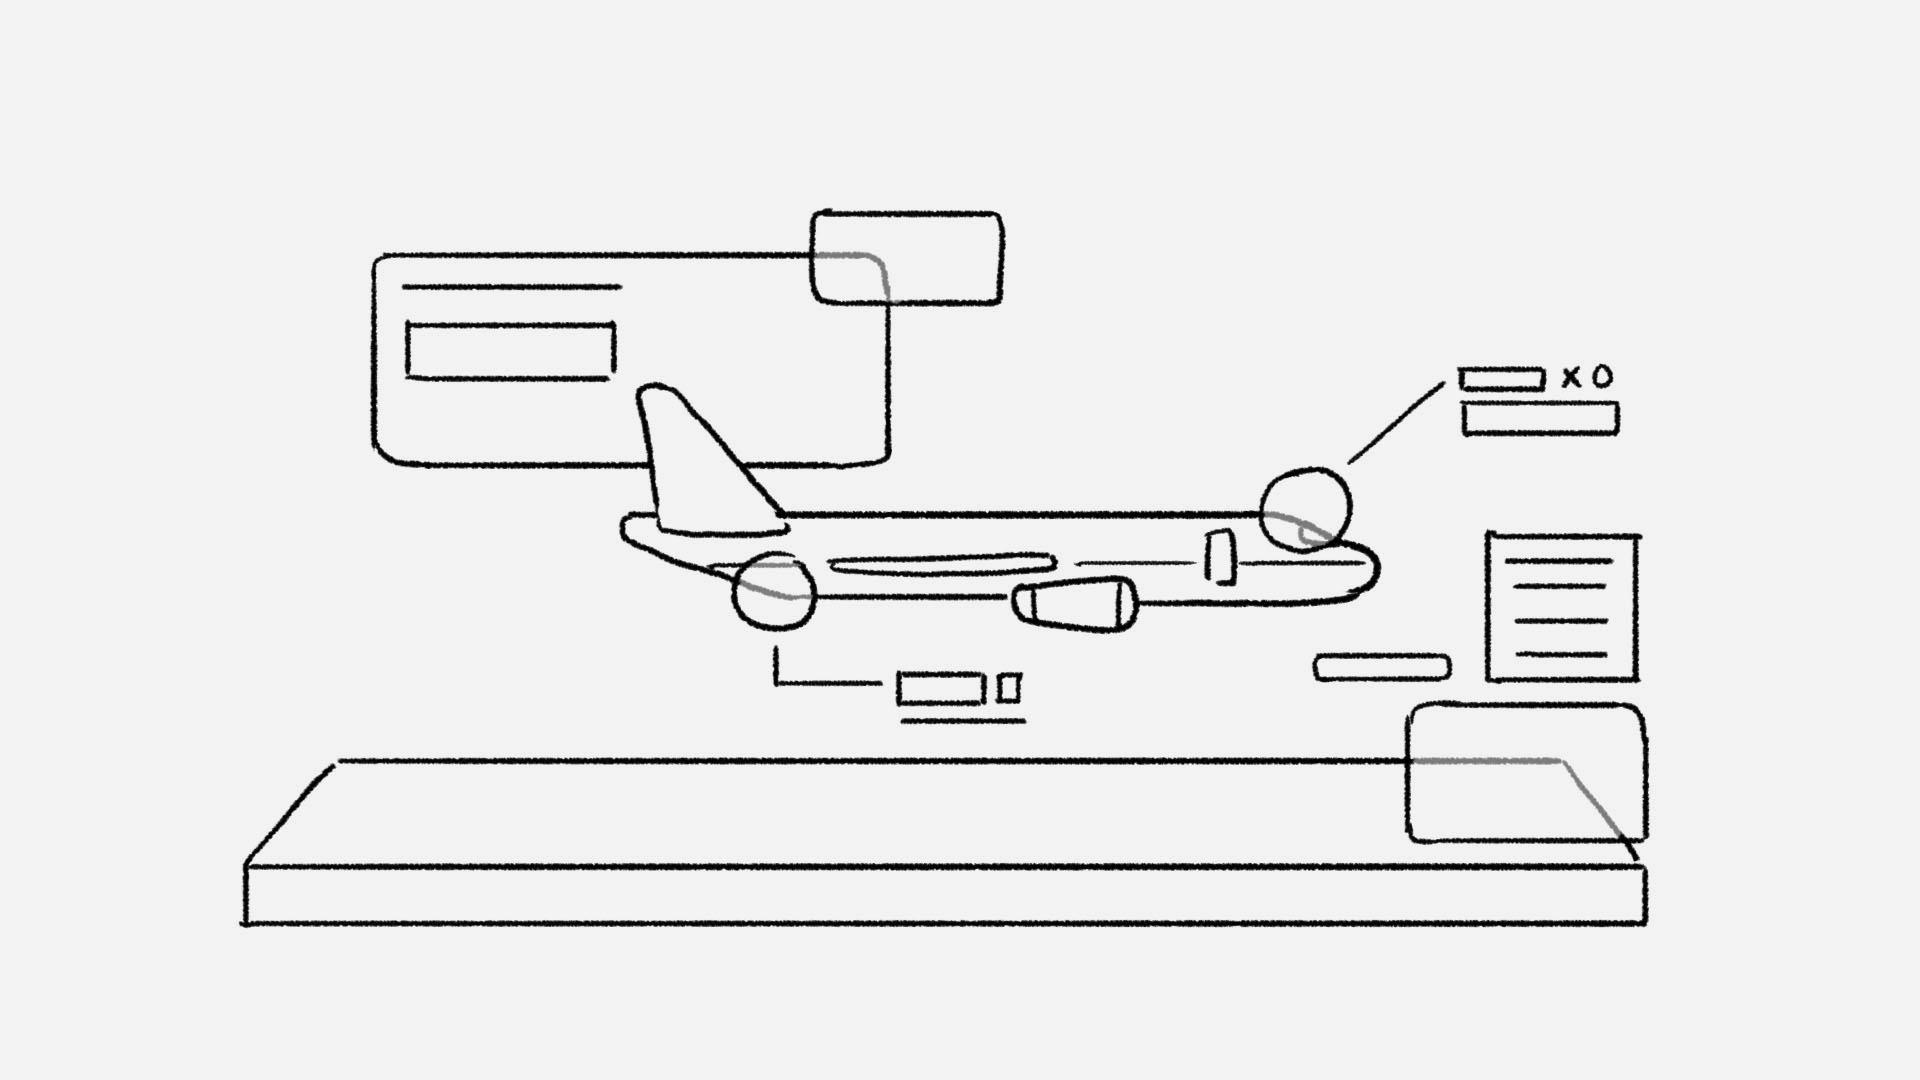 board_01_flight006.jpg